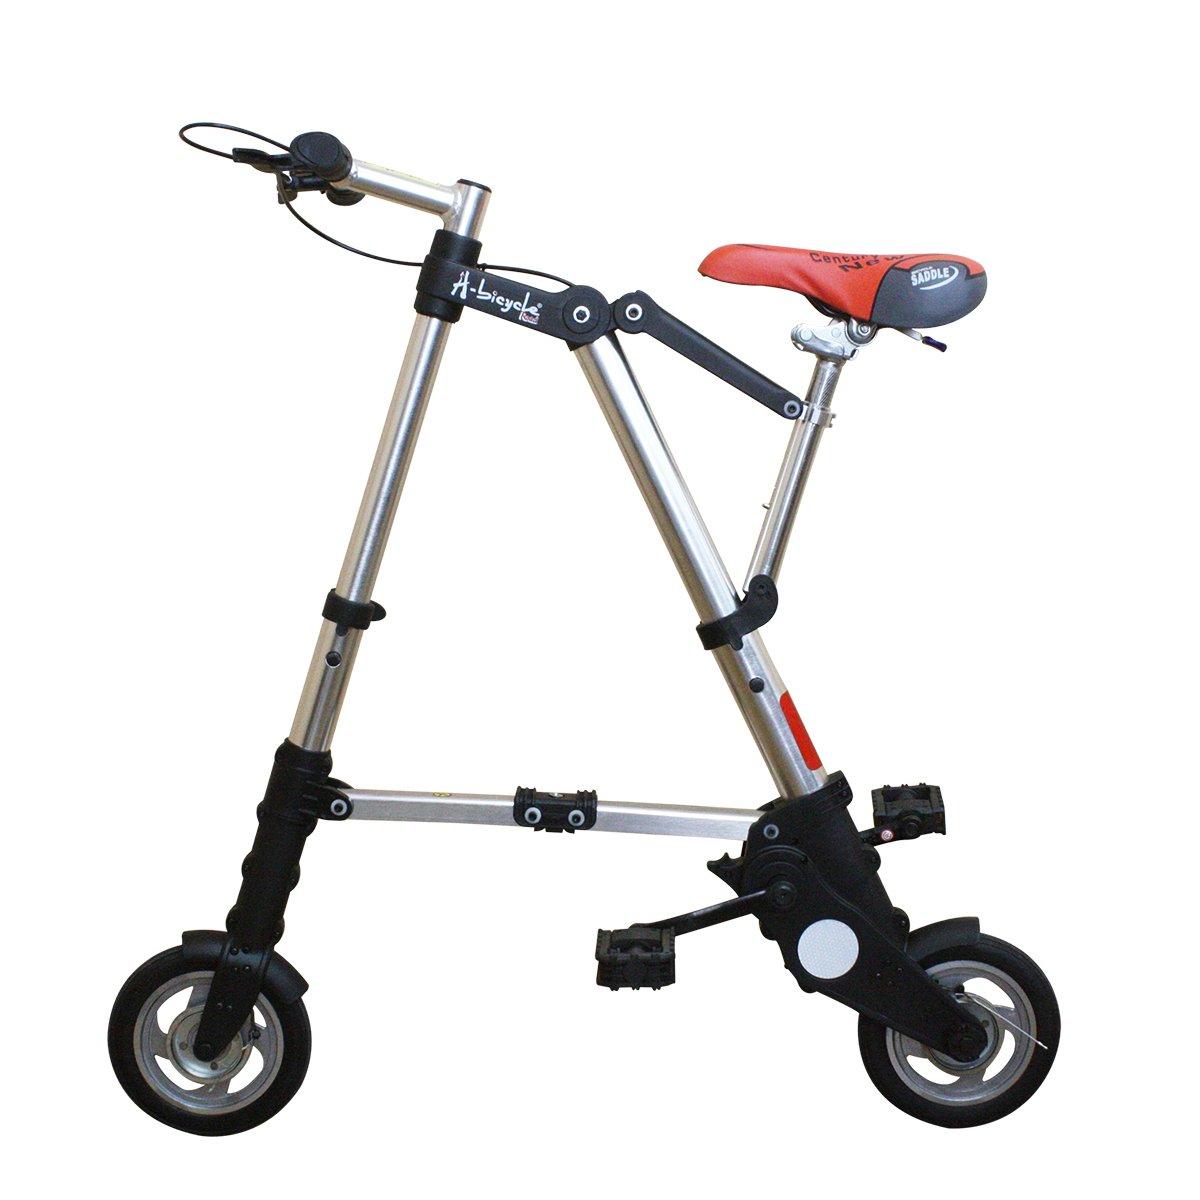 A-Bicycle(A-ライド型 Airbike)超軽量デラックス版折りたたみ自転車チューブレス仕様 B00RFOVLEI スタンダード スタンダード